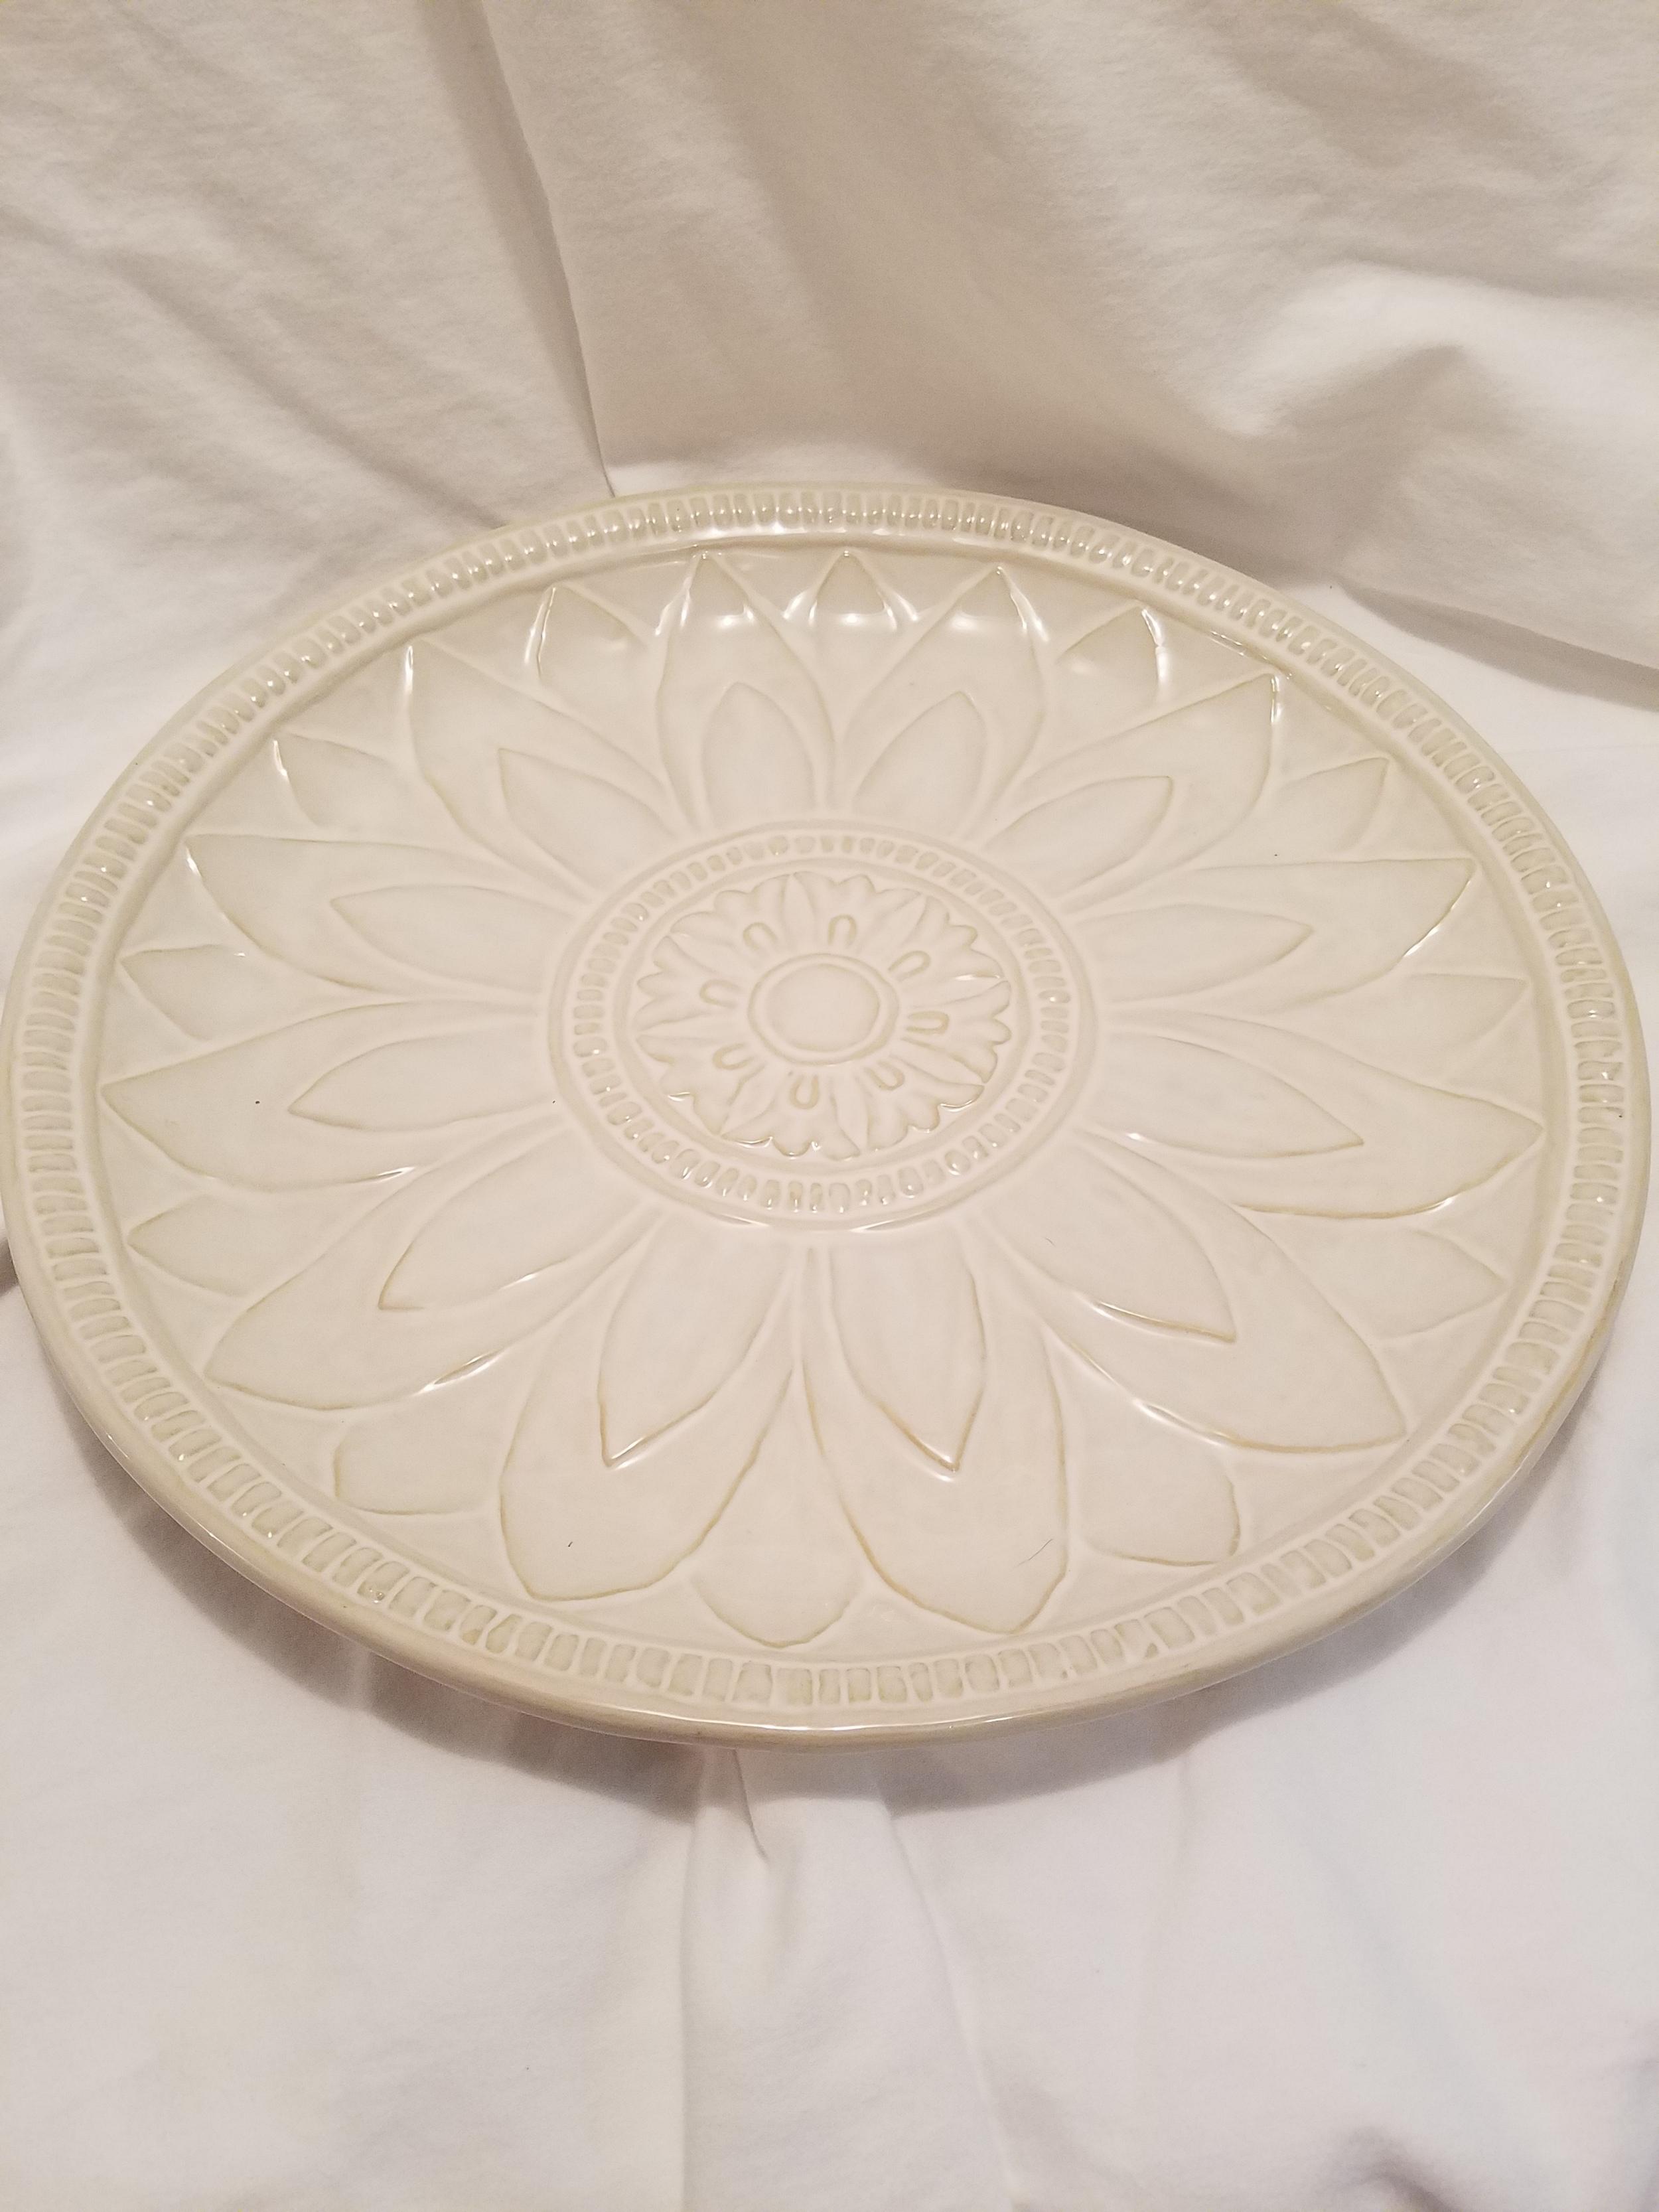 Medallion platter